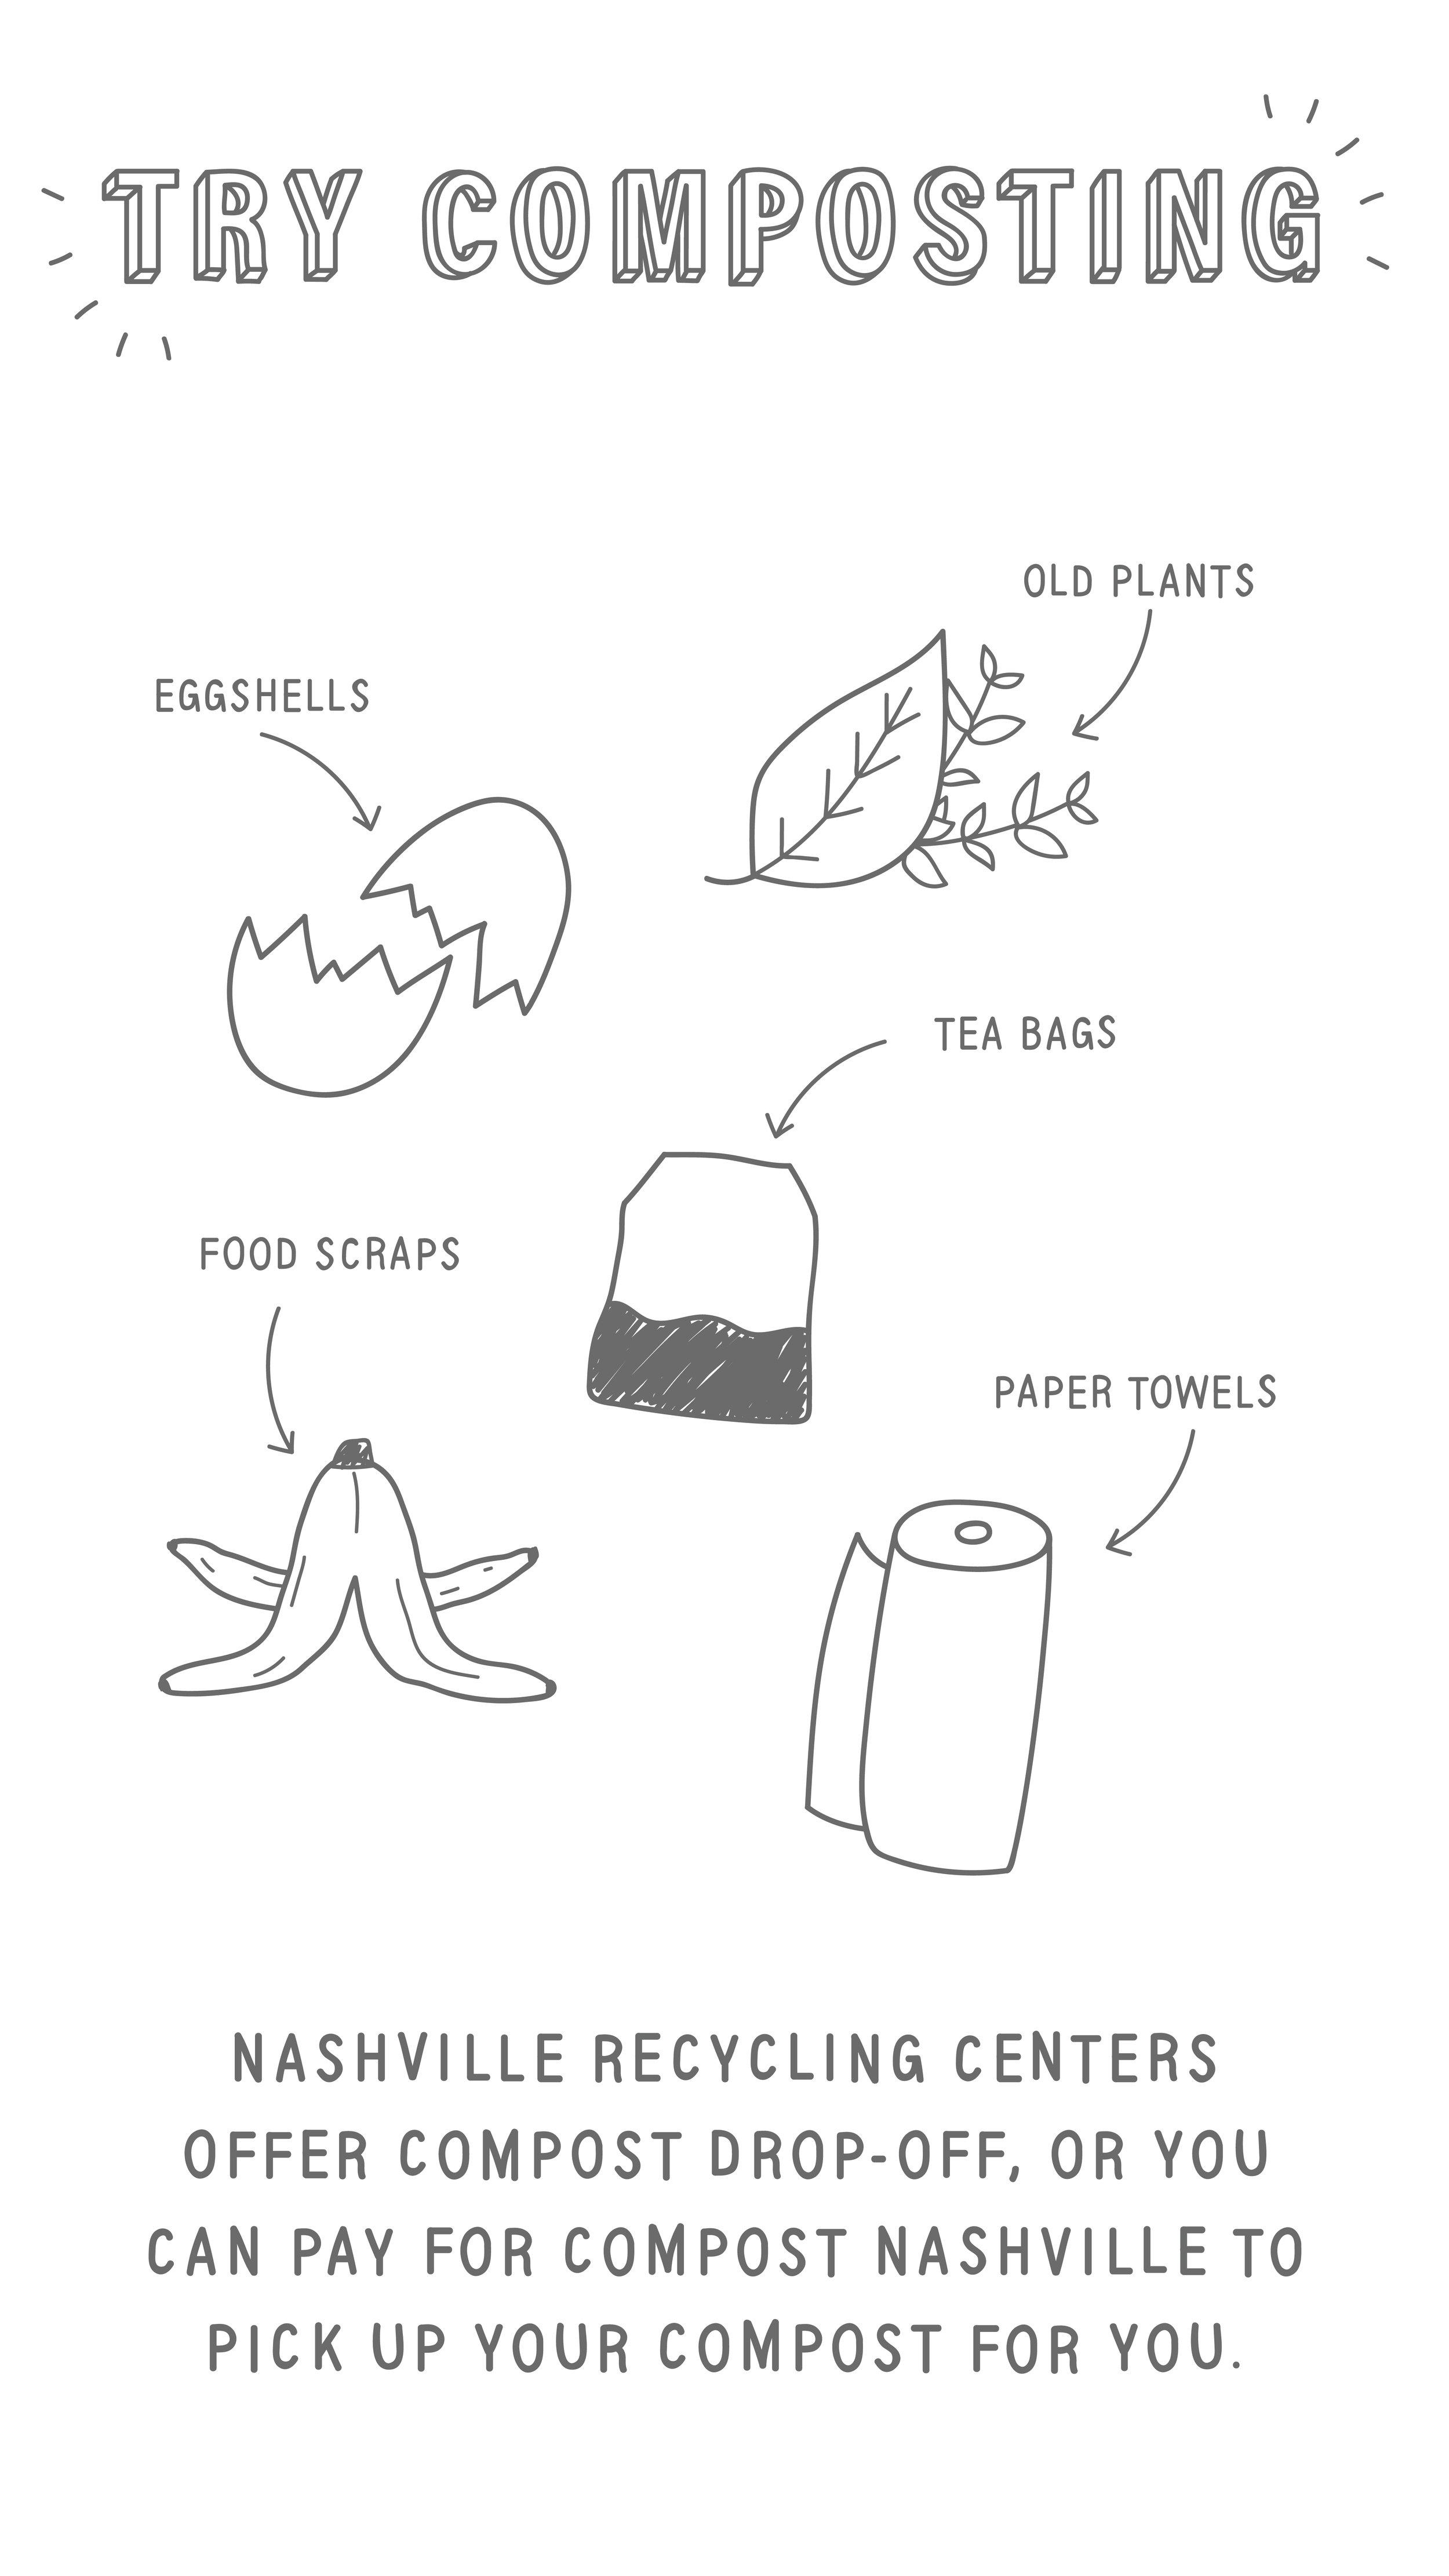 CREMA_EarthDay_Composting.jpg